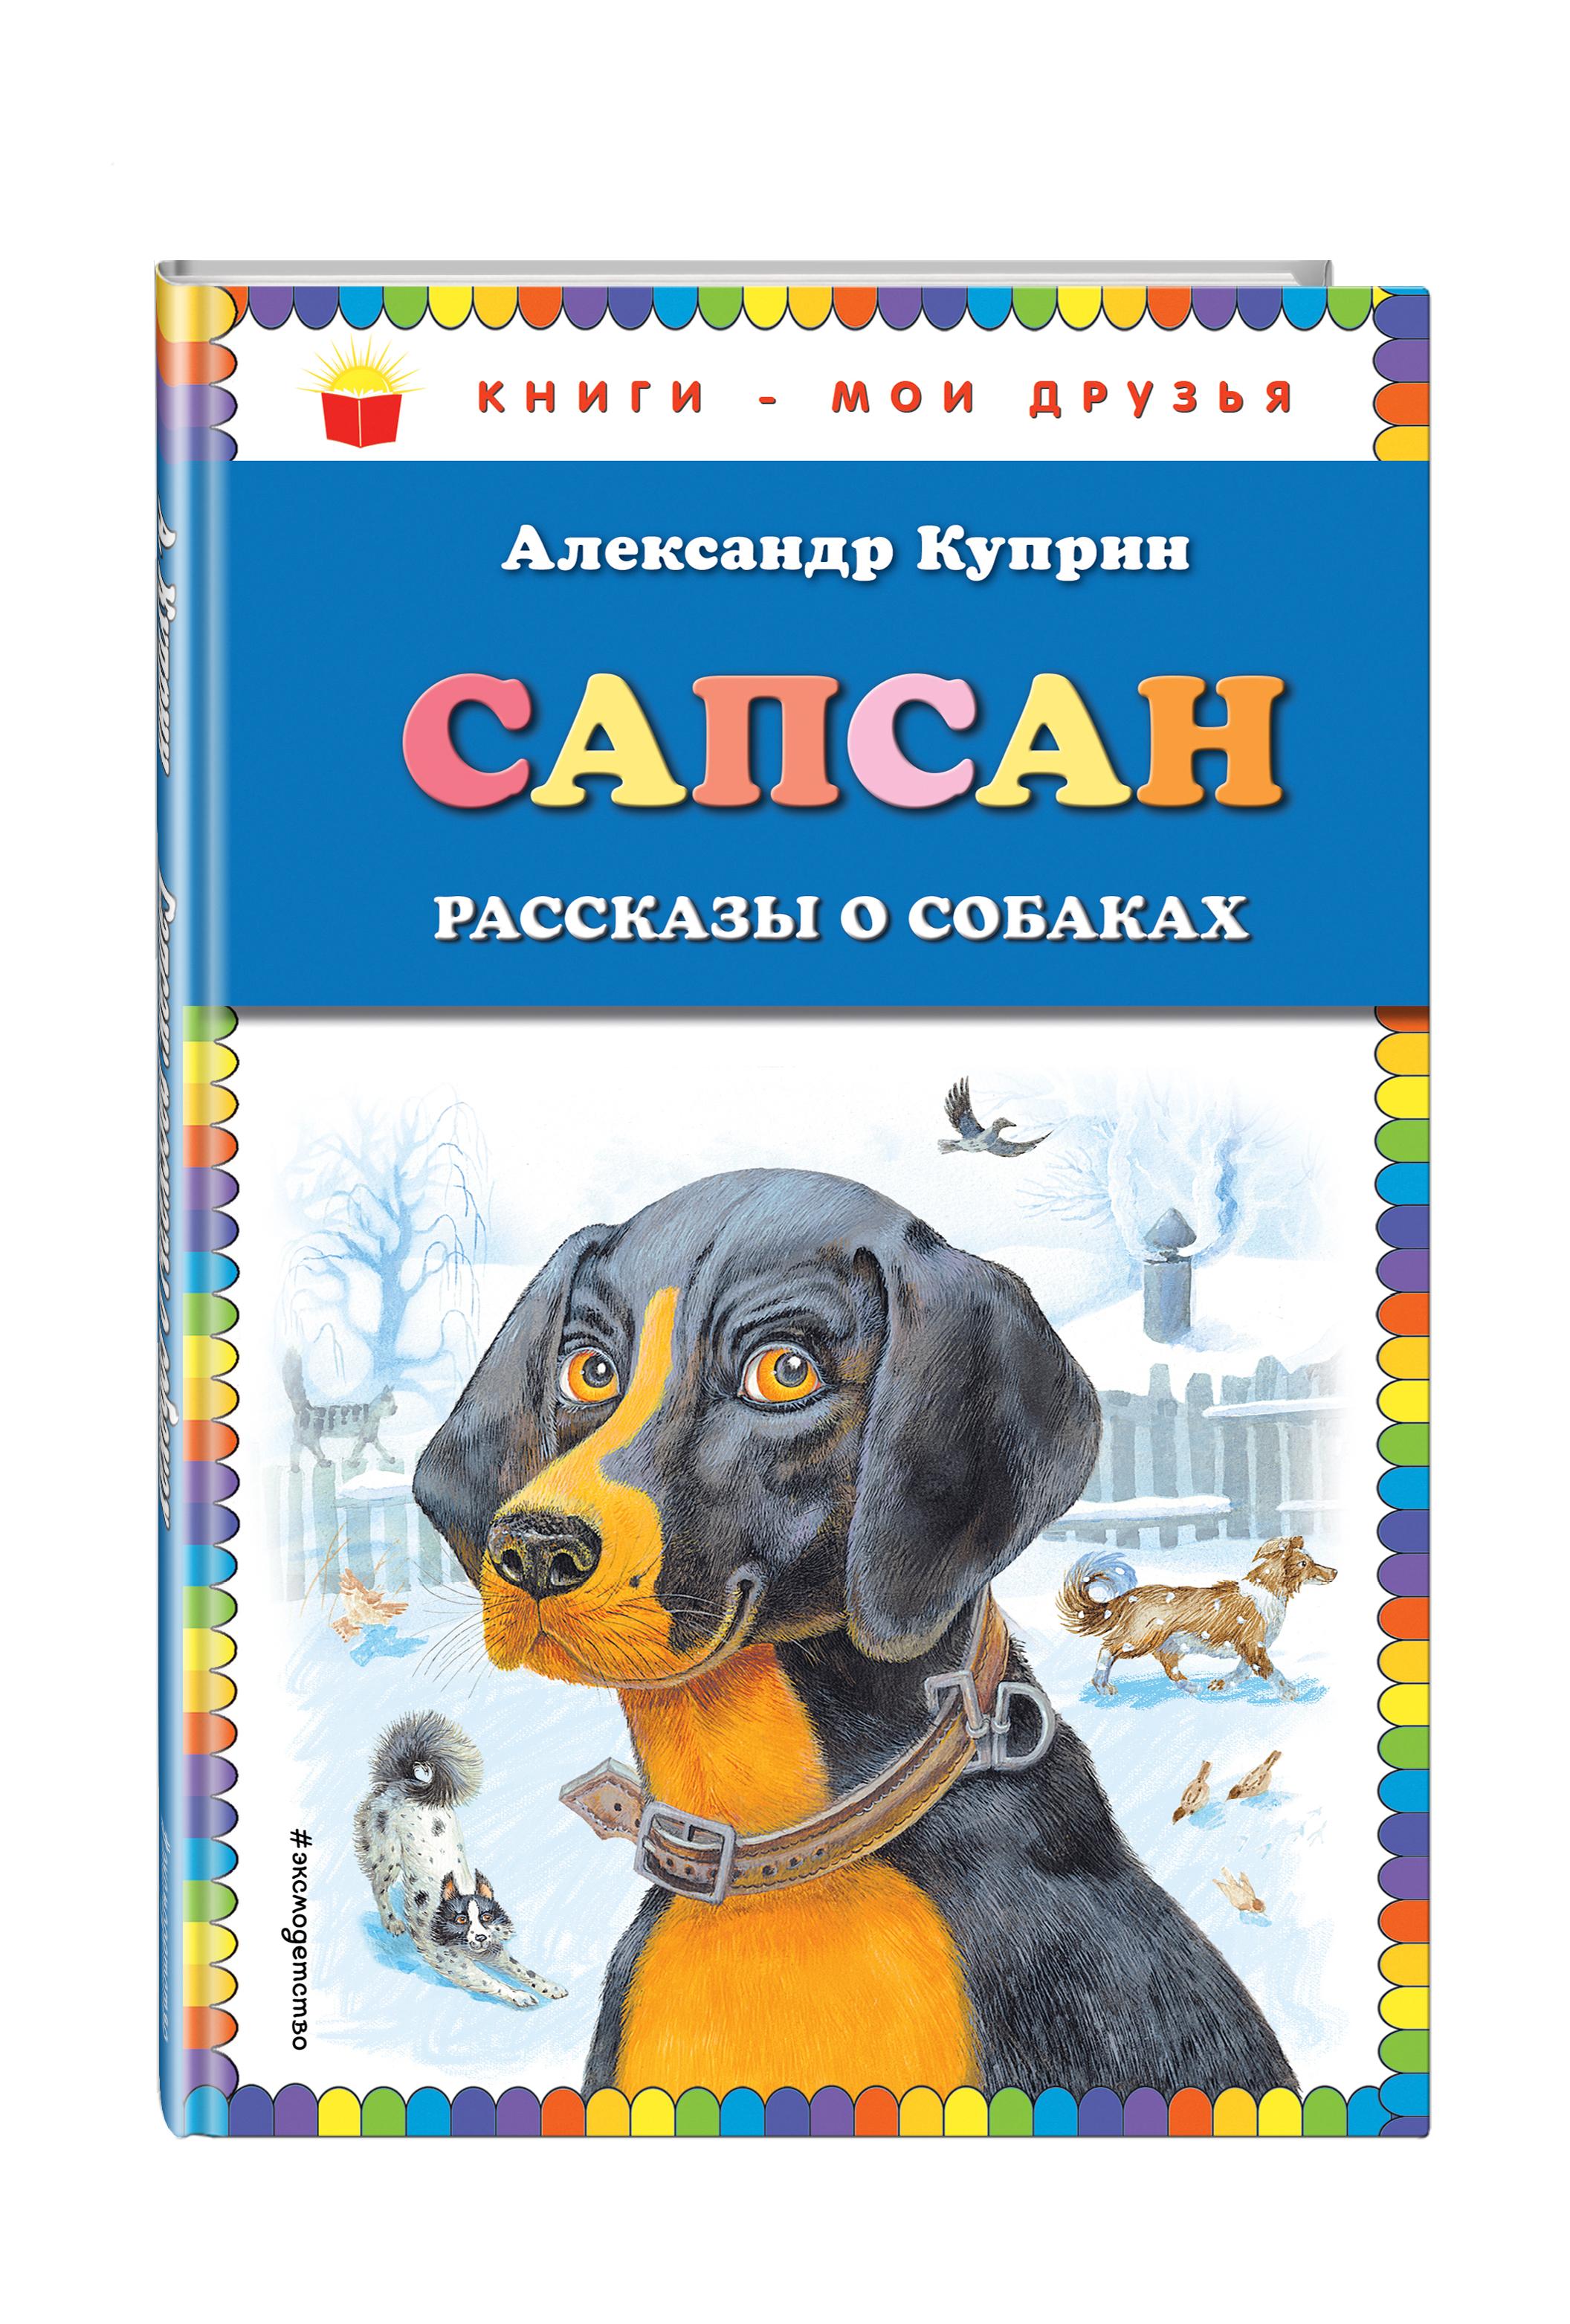 Александр Куприн Сапсан: рассказы о собаках (ил. В. и М. Белоусовых) а и куприн резеда